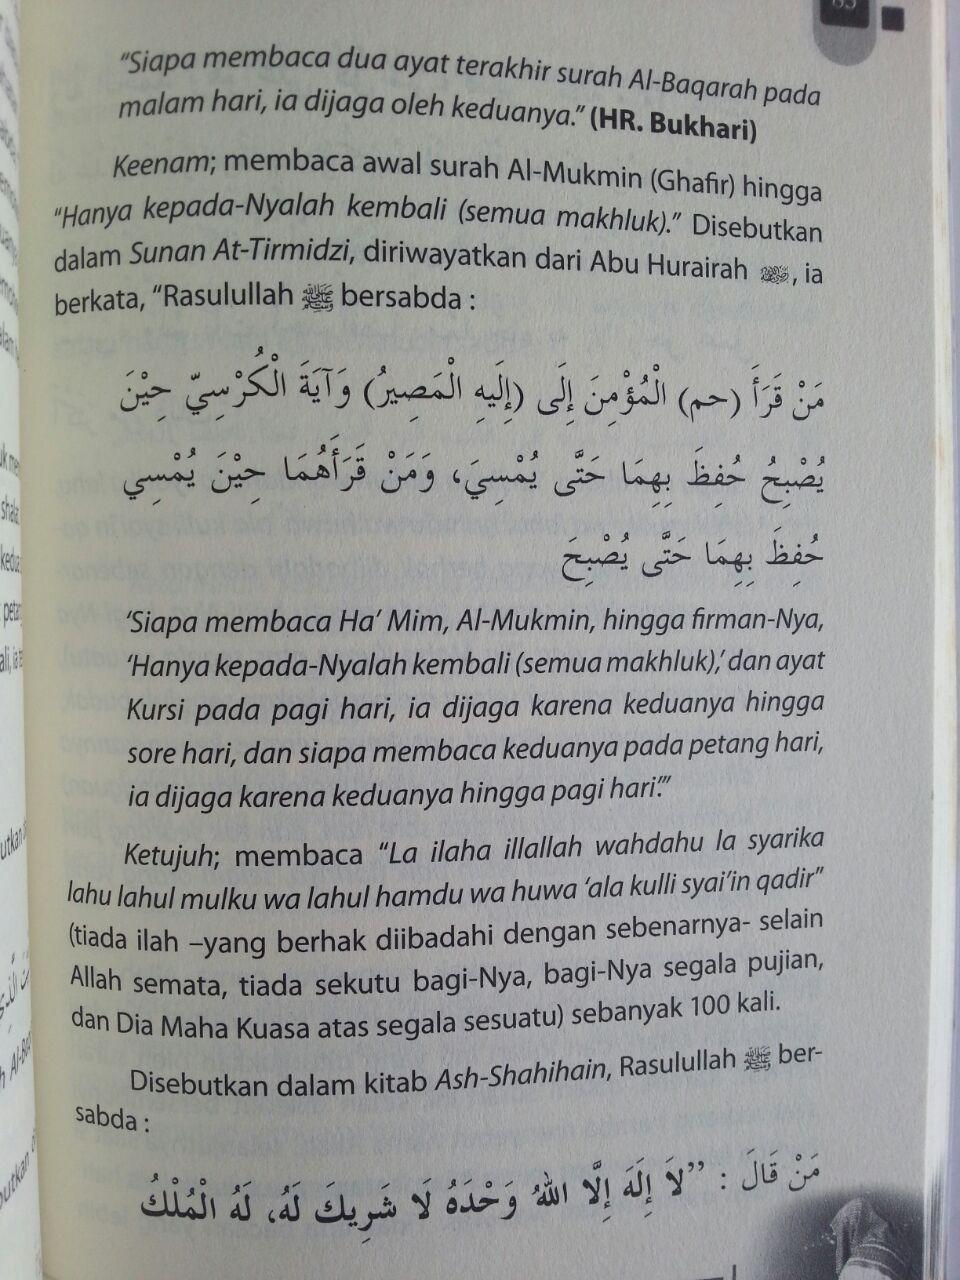 Buku Karomah Ahli Dzikir Beragam Manfaat Dzikir Mukmin isi 3